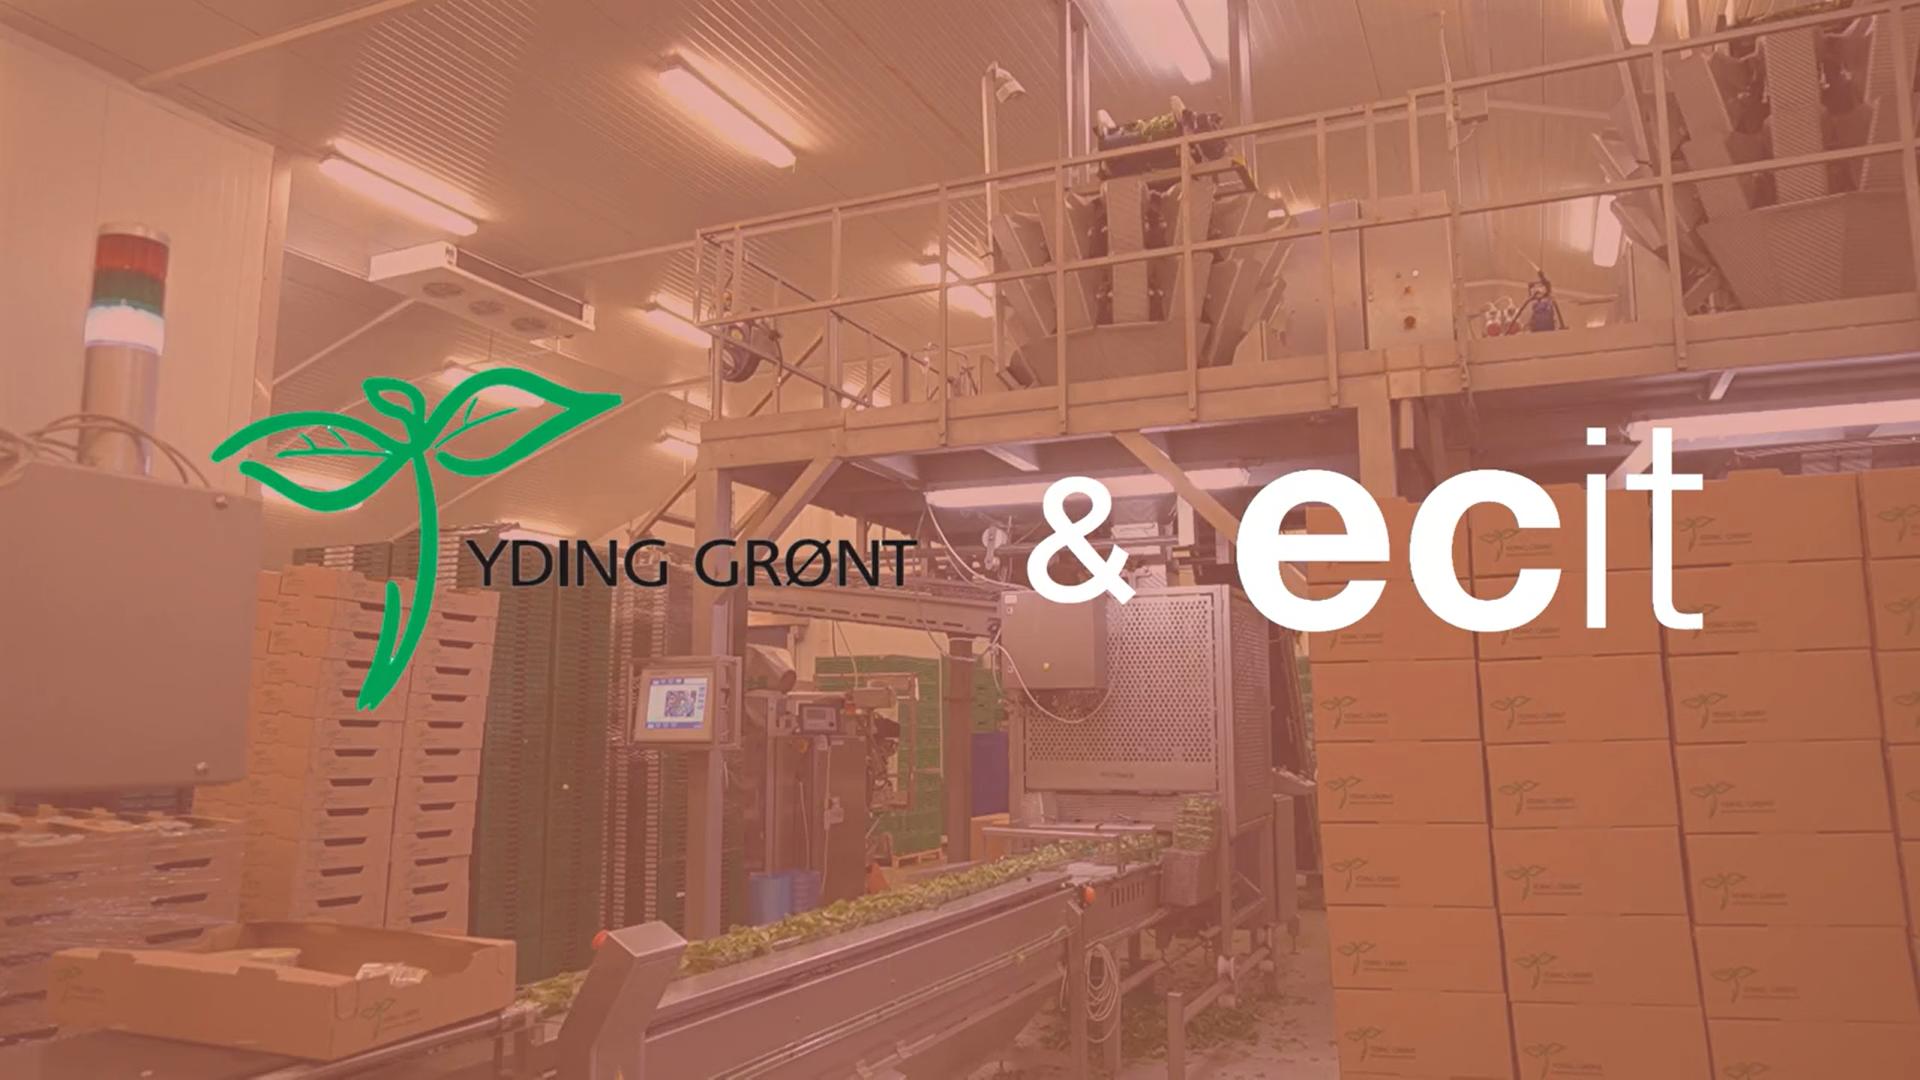 """Yding Grønt om ECIT: """"Sikkerhed var afgørende for valg af samarbejdspartner"""""""